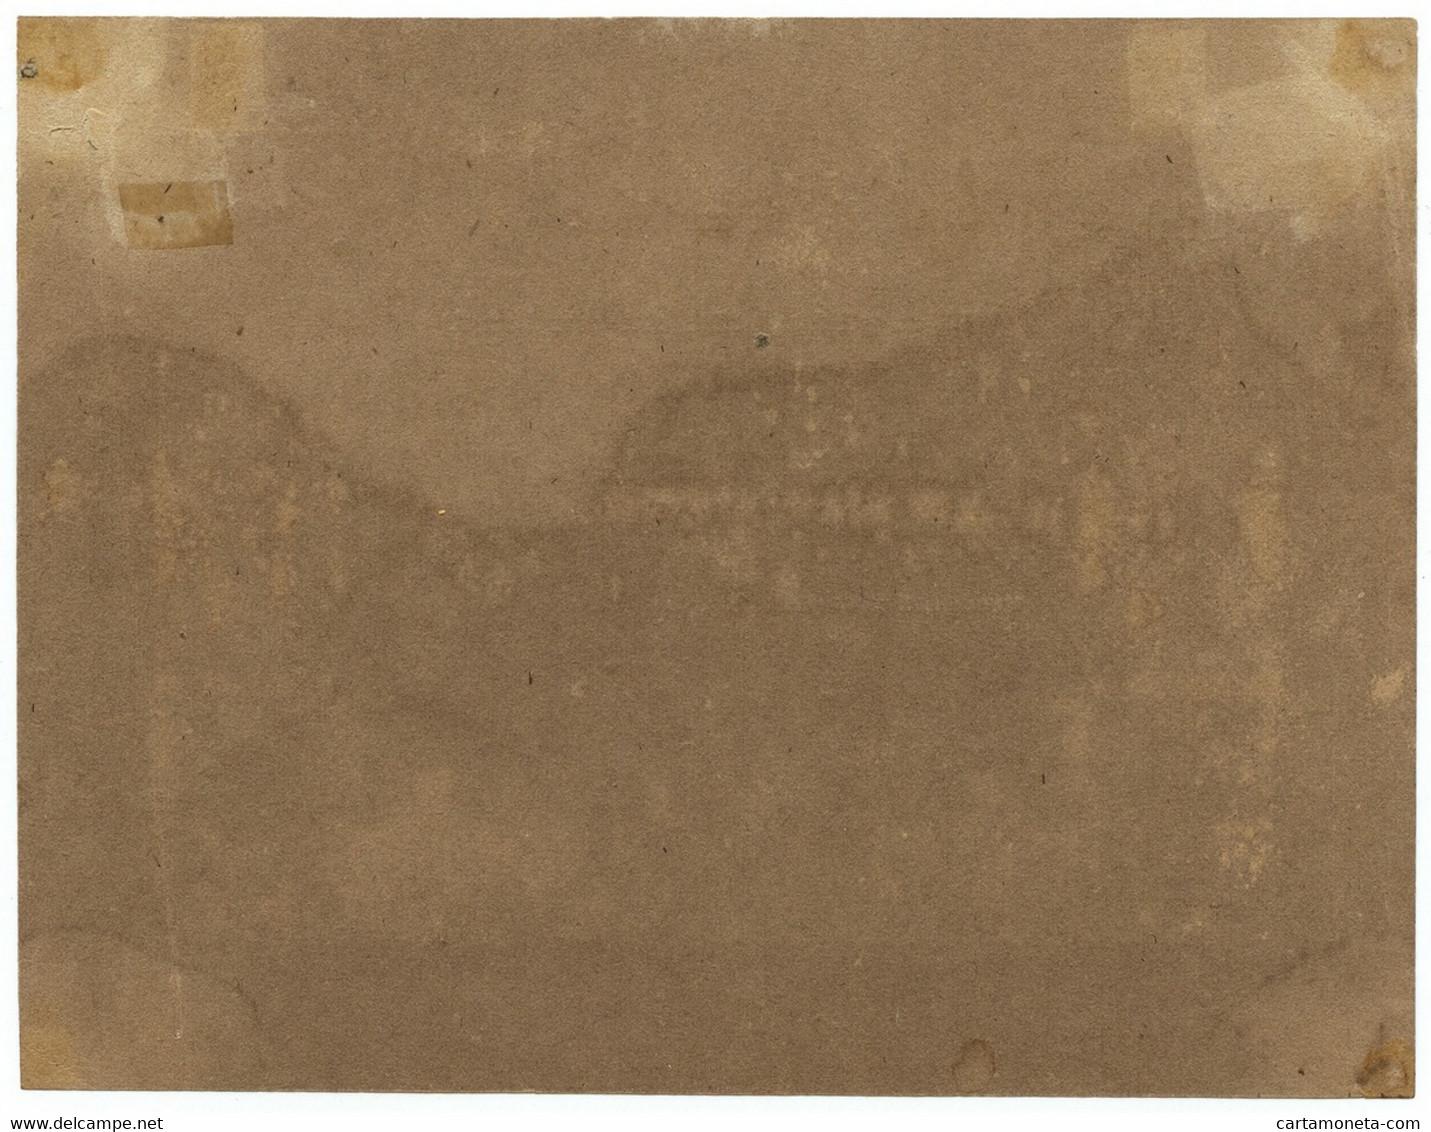 100 FIORINI VAGLIA DEL MONTE LOMBARDO VENETO VALUTA AUTRIACA 15/06/1859 SPL- - Altri